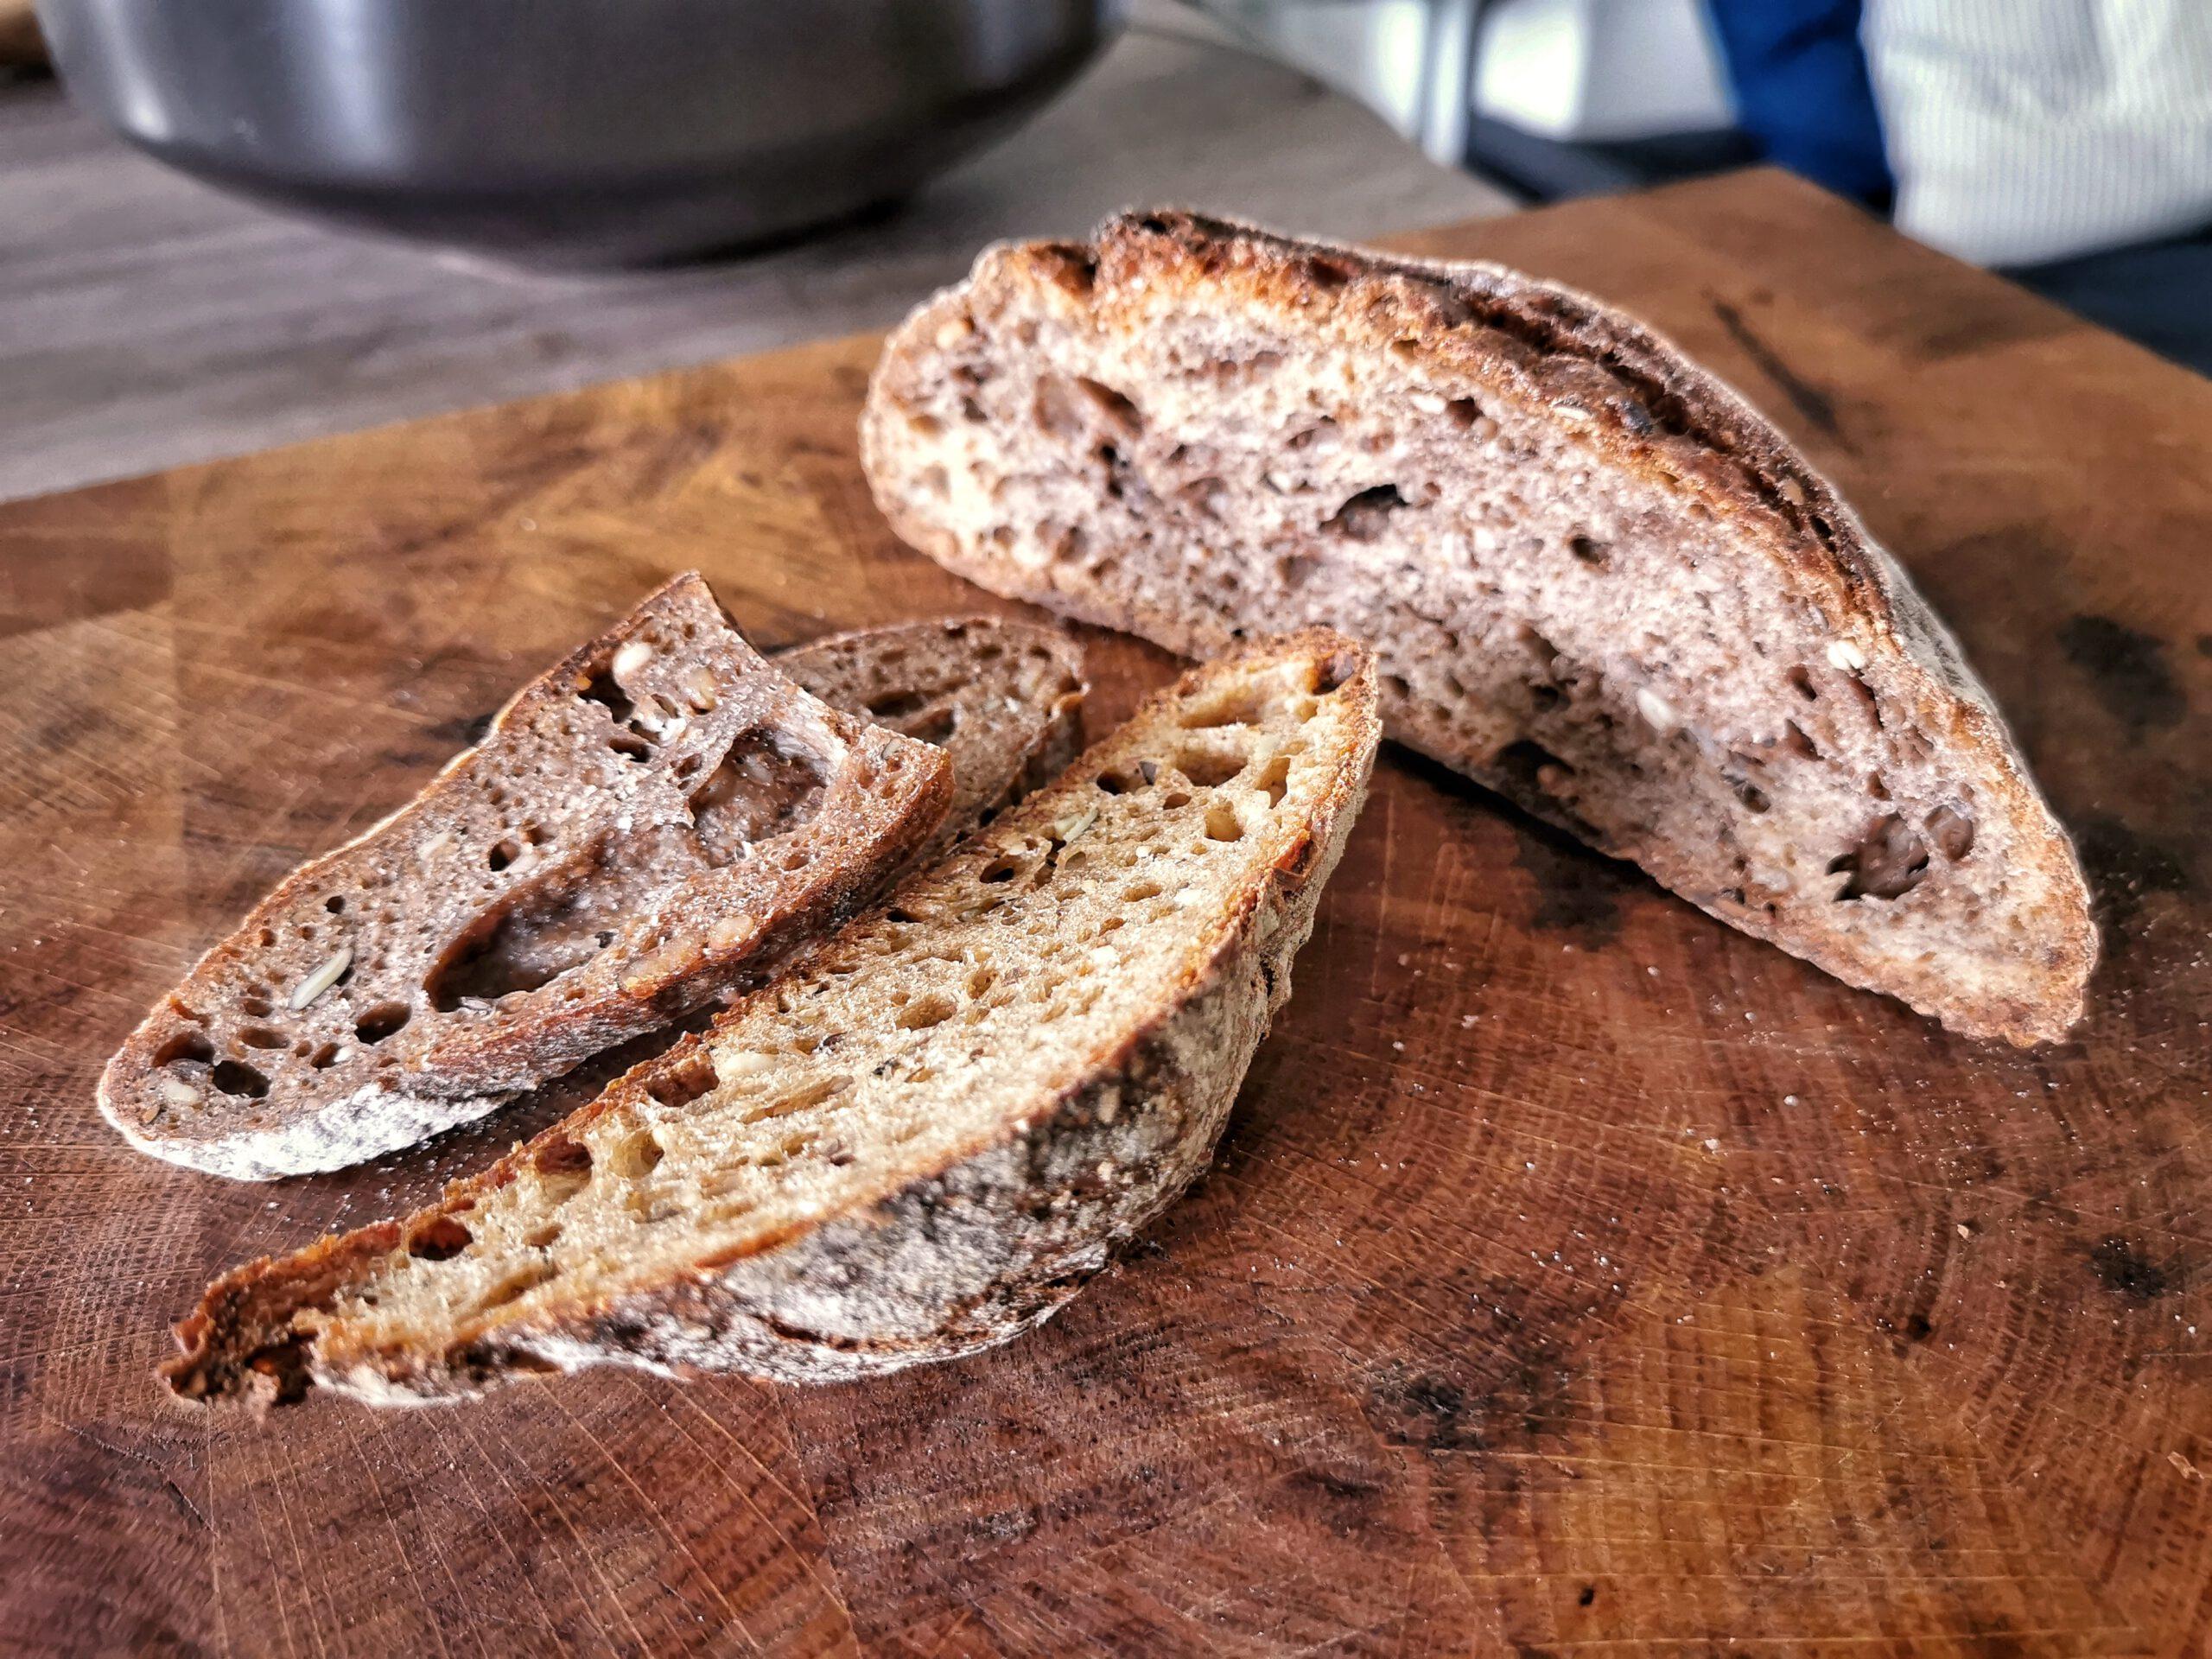 Altbrot Kochstück sorgt für Frischhaltung, Geschmack und Resteverwertung.